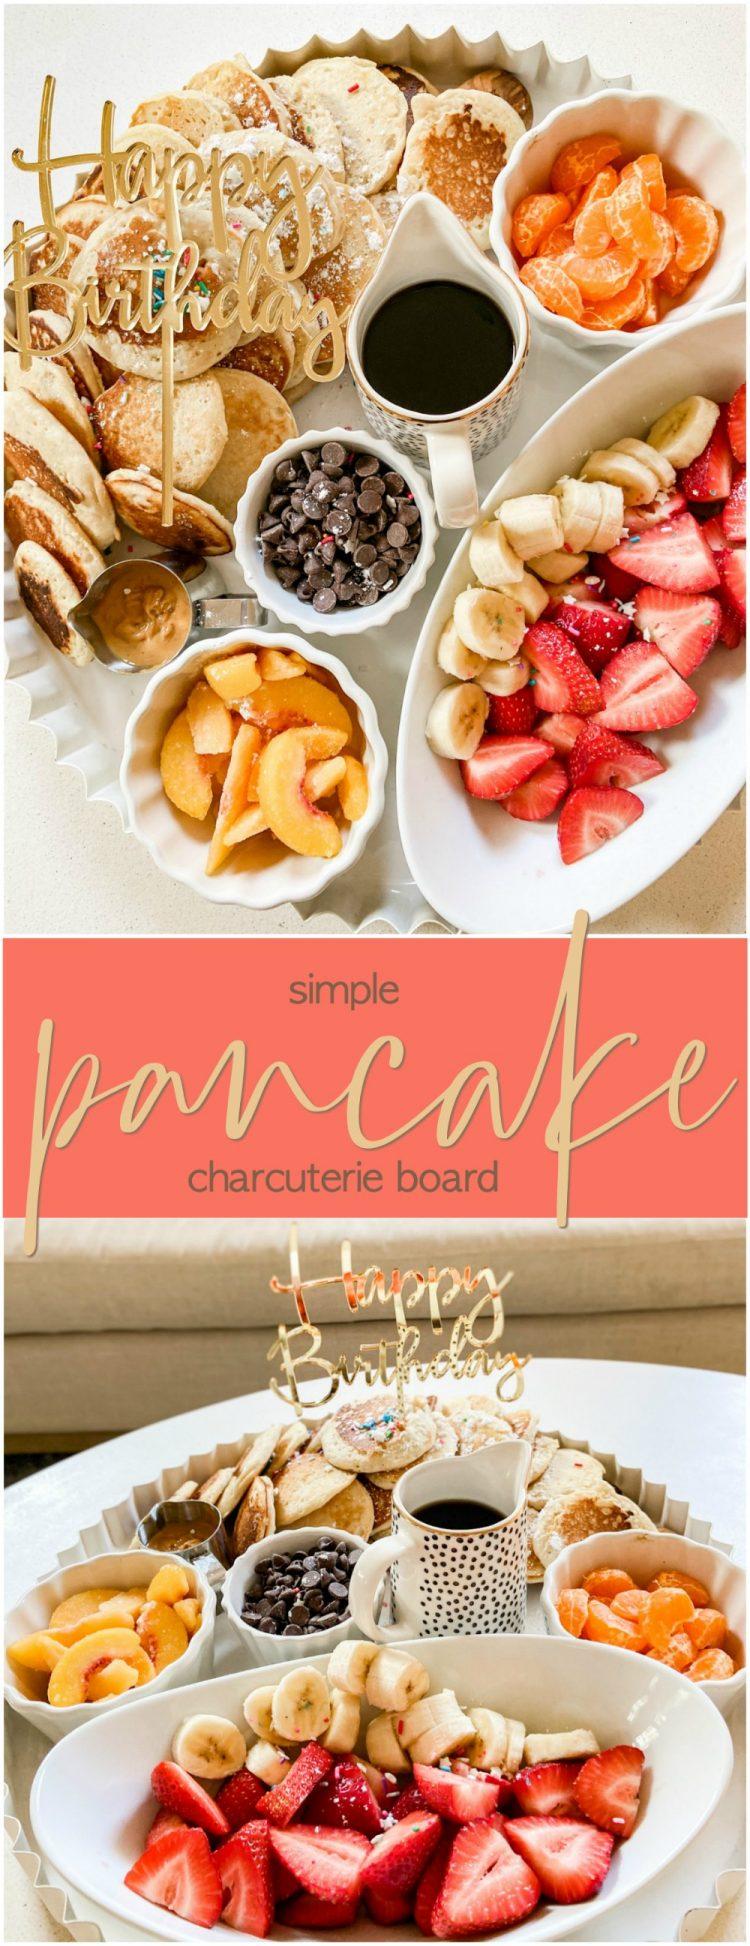 Pancake Charcuterie Breakfast Board